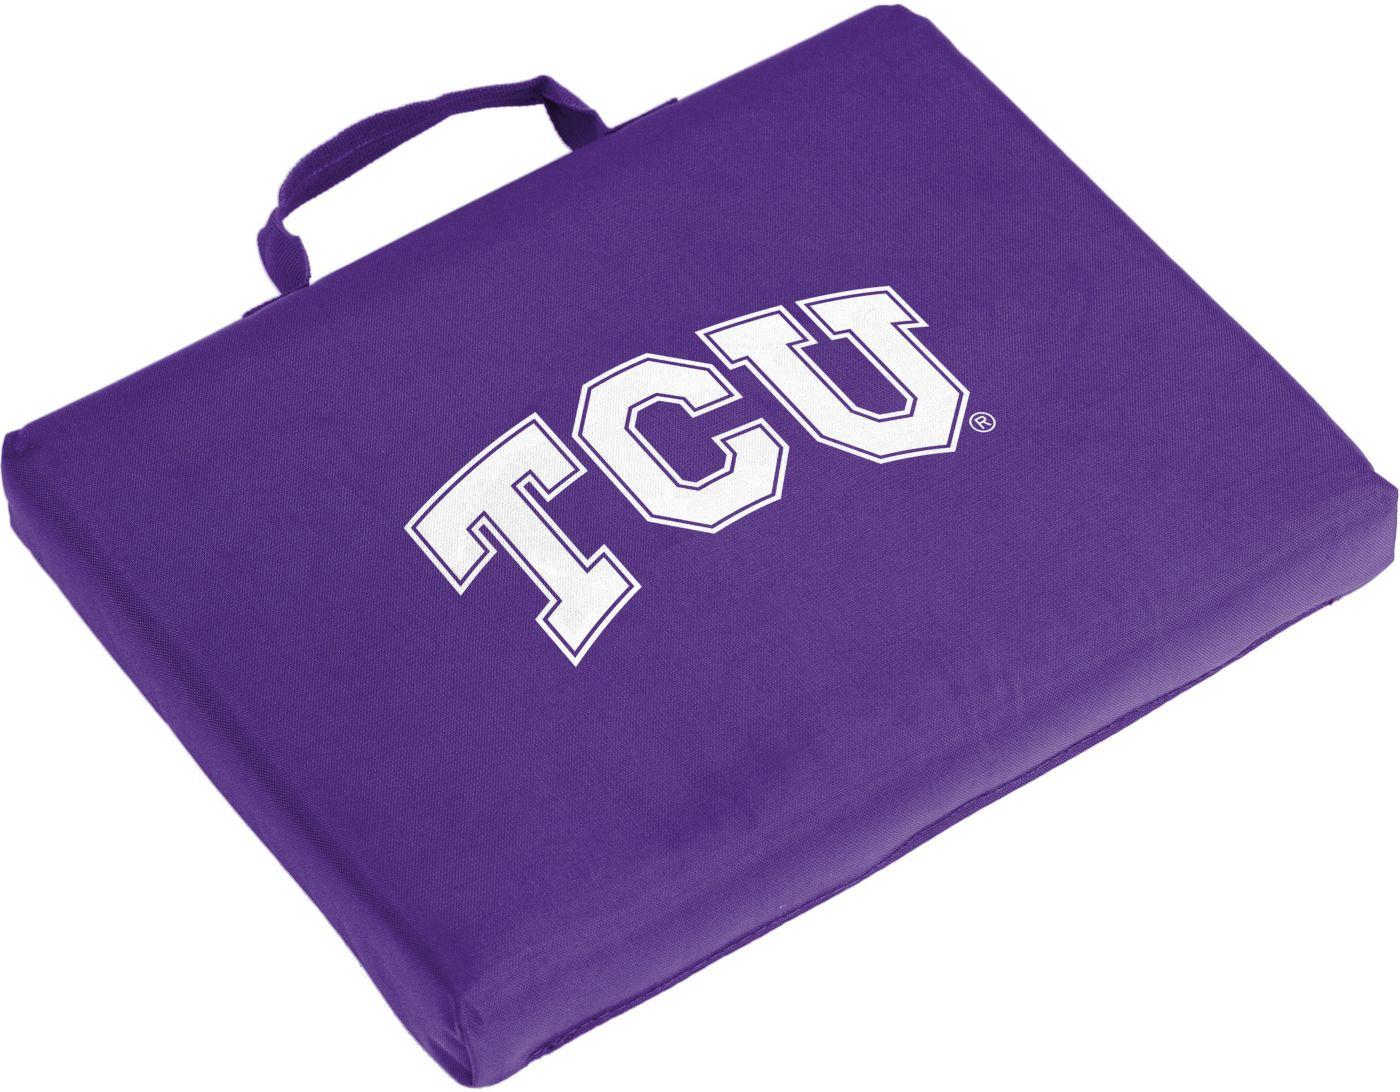 TCU Horned Frogs Bleacher Cushion